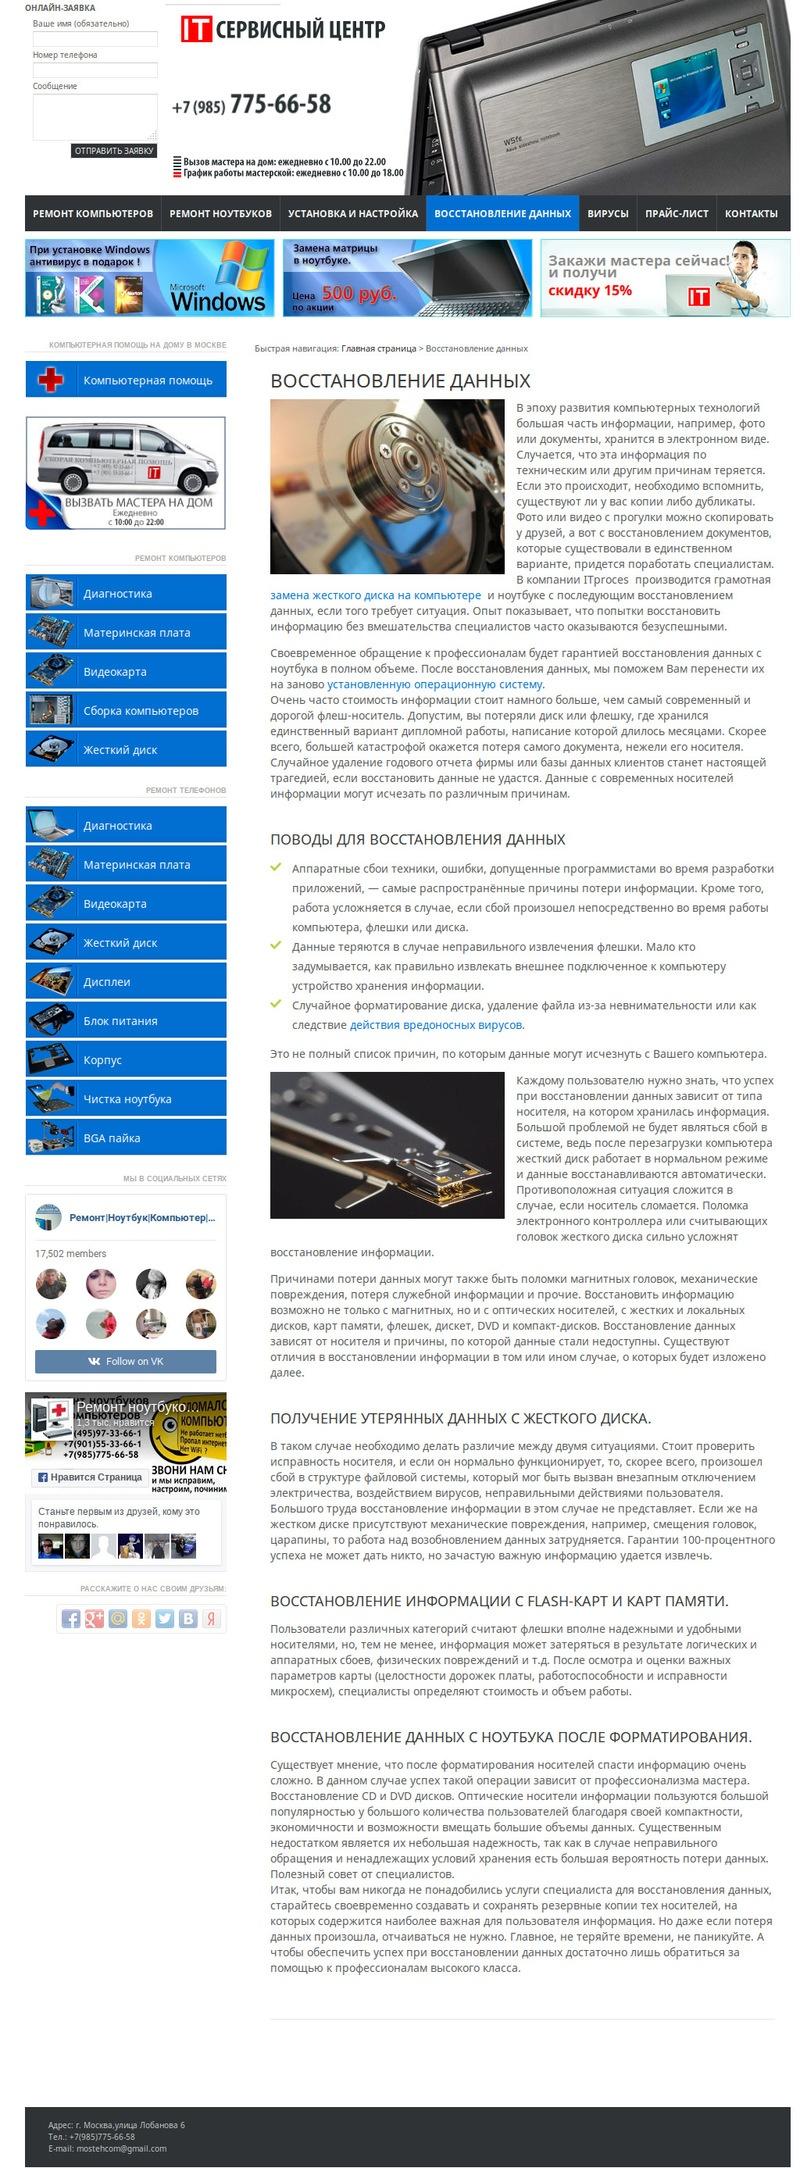 Создание сайта по ремонту компьютеров